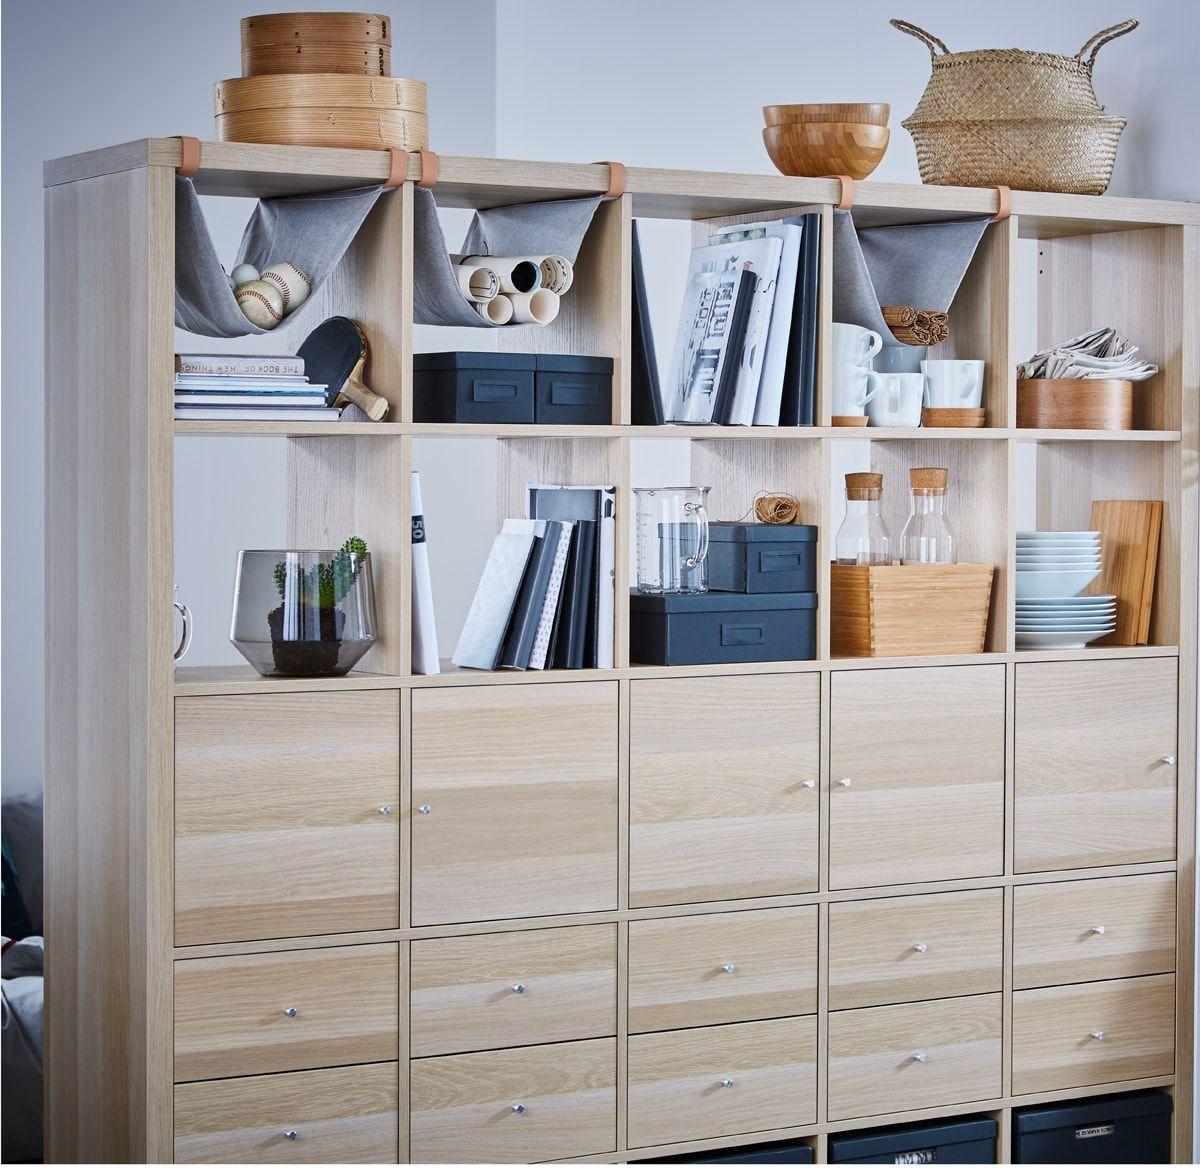 Full Size of Ikea Raumteiler Unser Kallaregal Mit 10 Einstzen Eicheneffekt Wei Lasiert Betten Bei Miniküche 160x200 Regal Küche Kaufen Kosten Modulküche Sofa Wohnzimmer Ikea Raumteiler